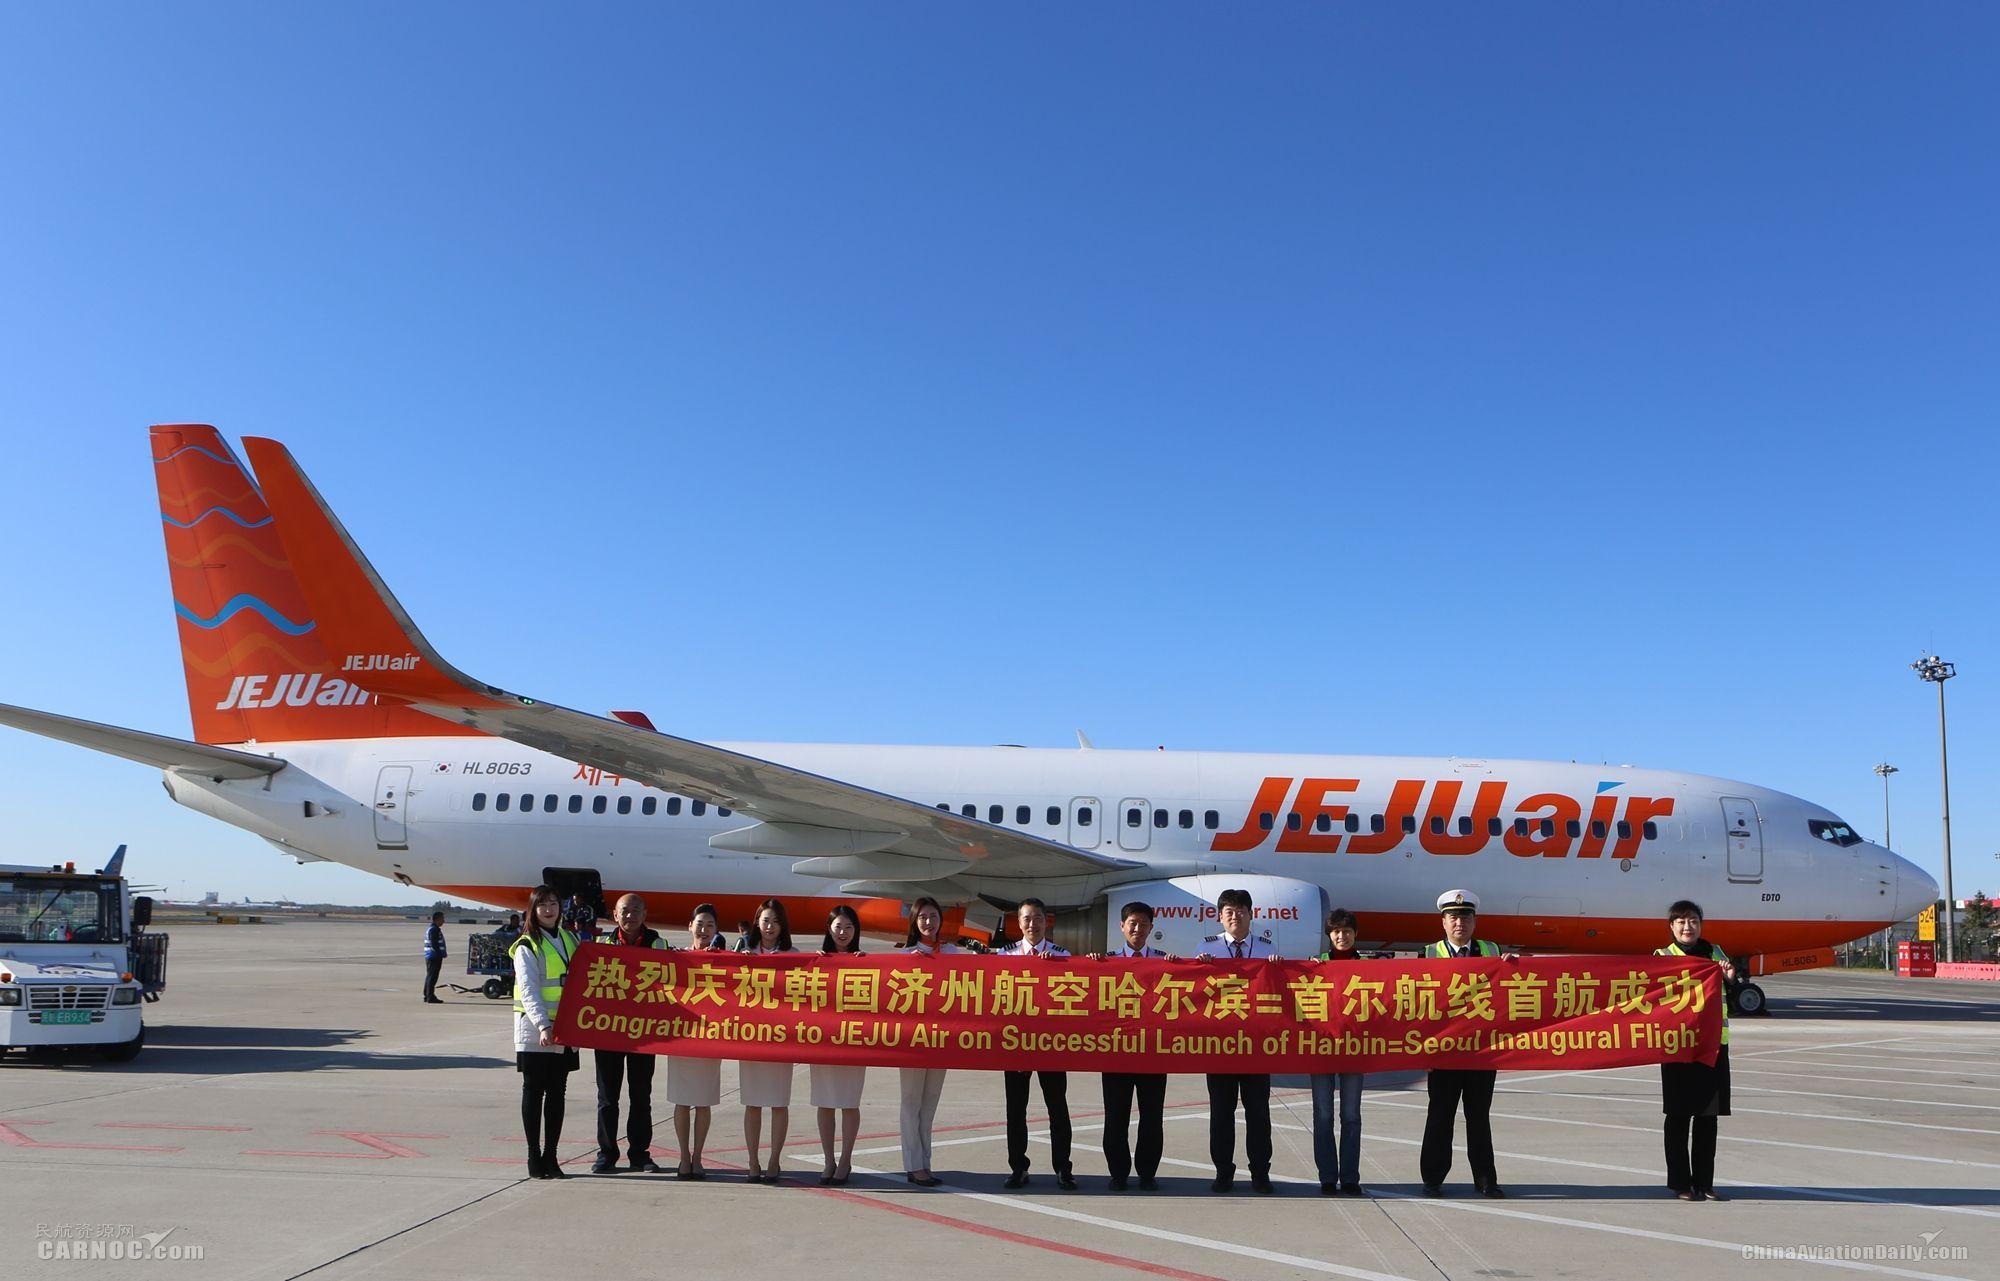 济州航空哈尔滨—首尔航线成功首航